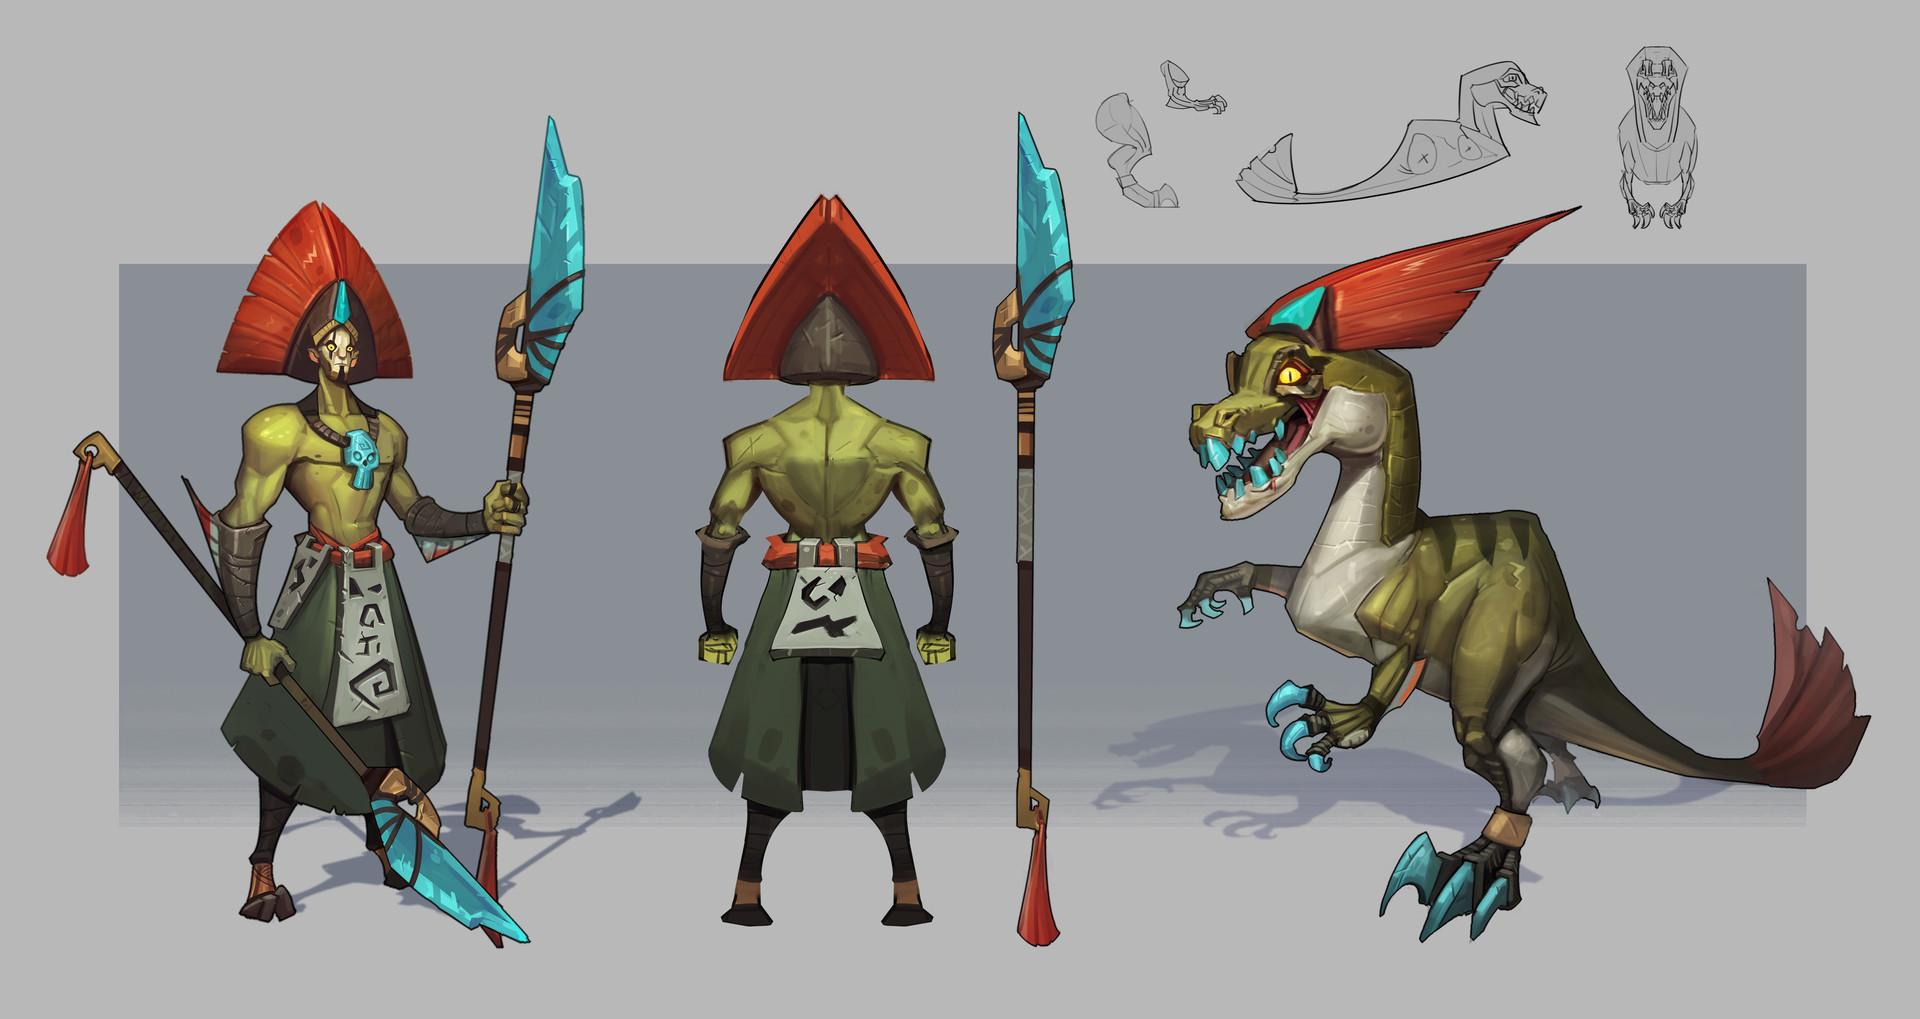 Drakhas oguzalp donduren stunlock studios art final